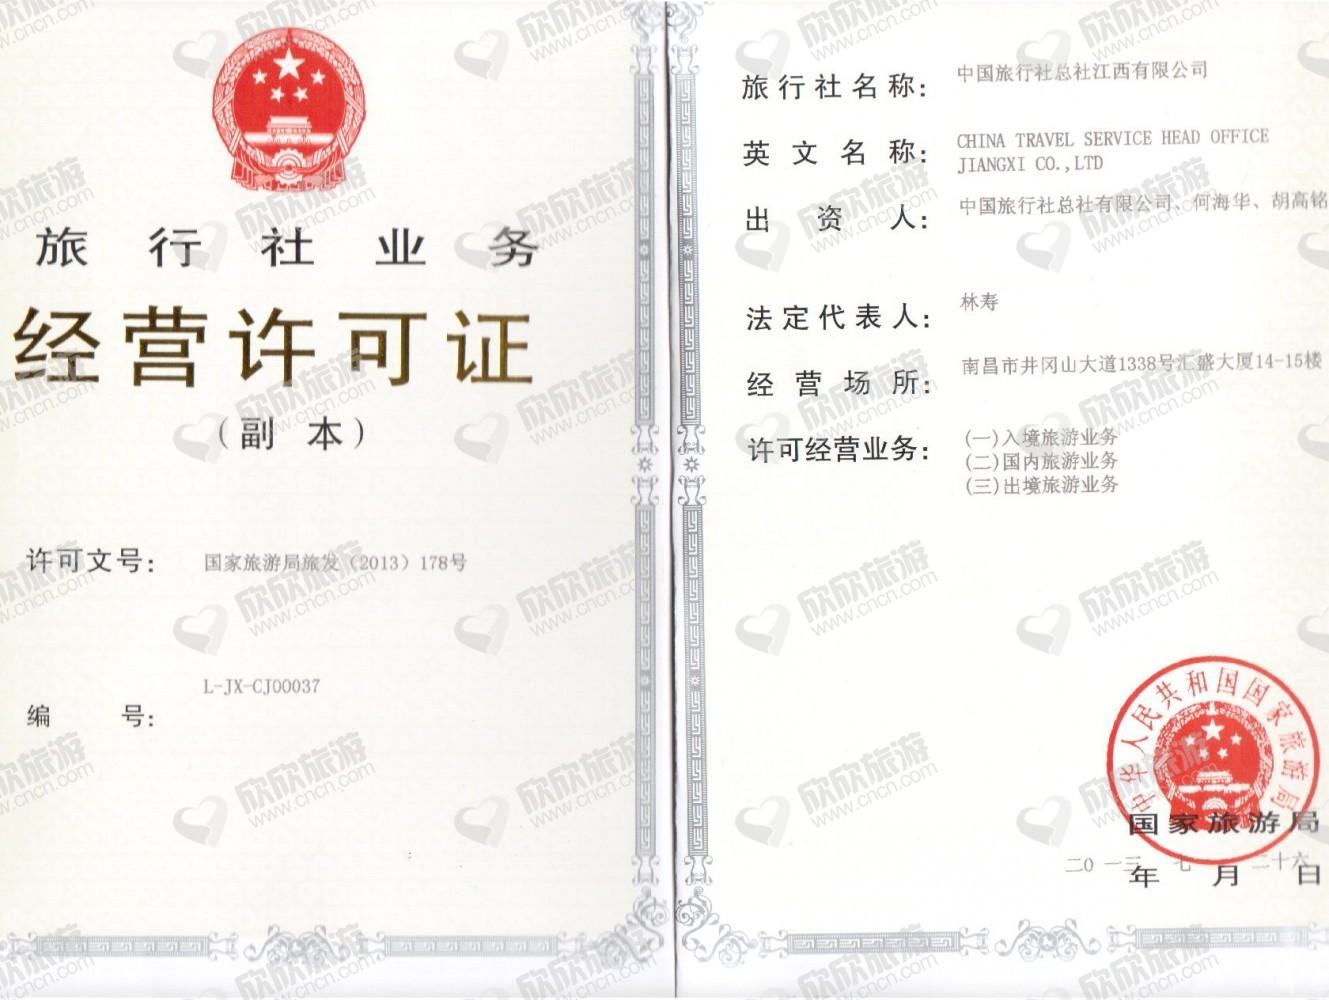 中国旅行社总社江西有限公司经营许可证